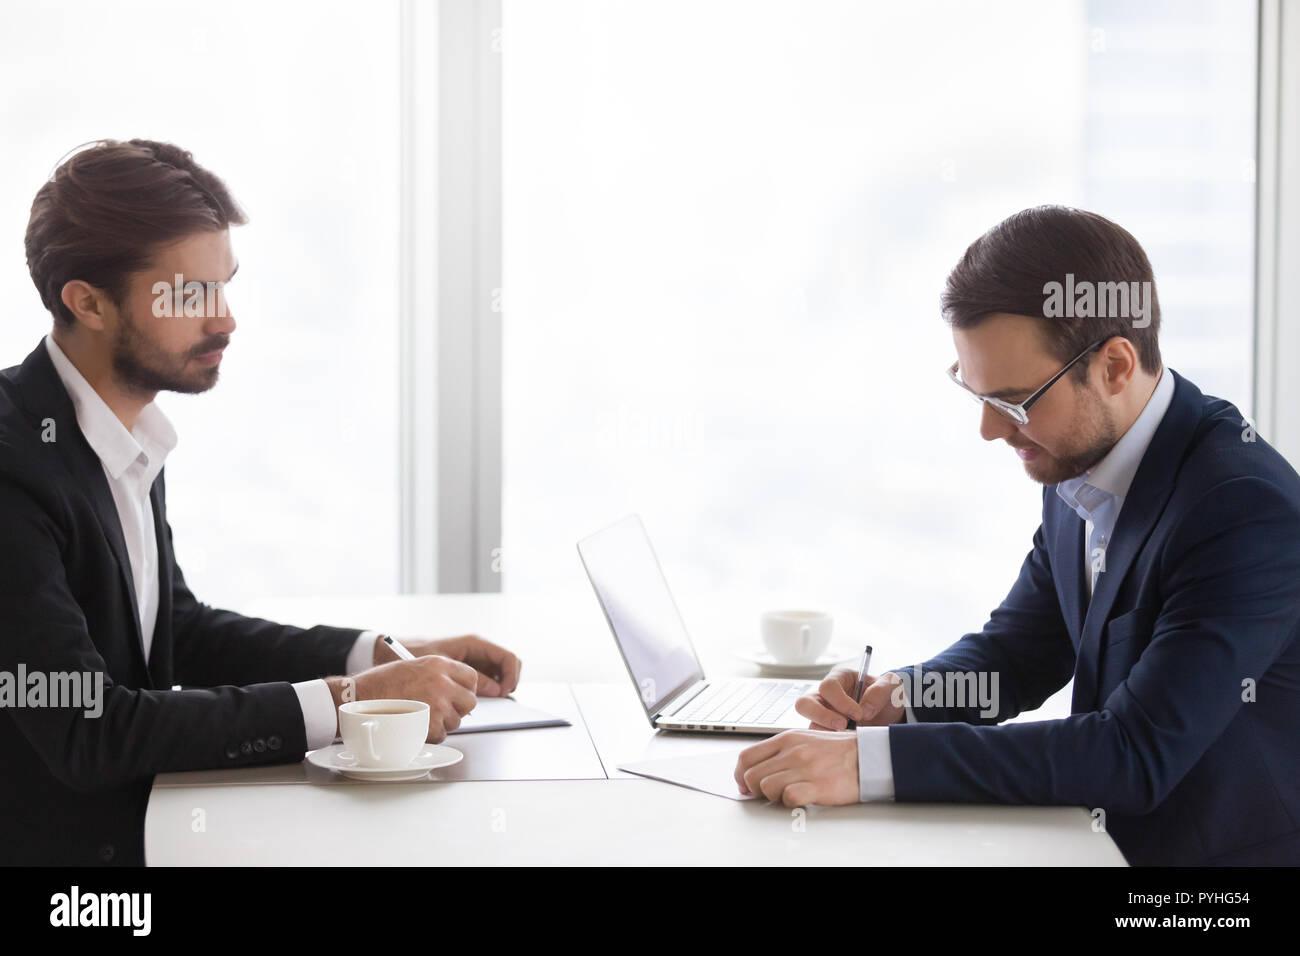 Deux hommes en costumes sont réunis à l'office Photo Stock